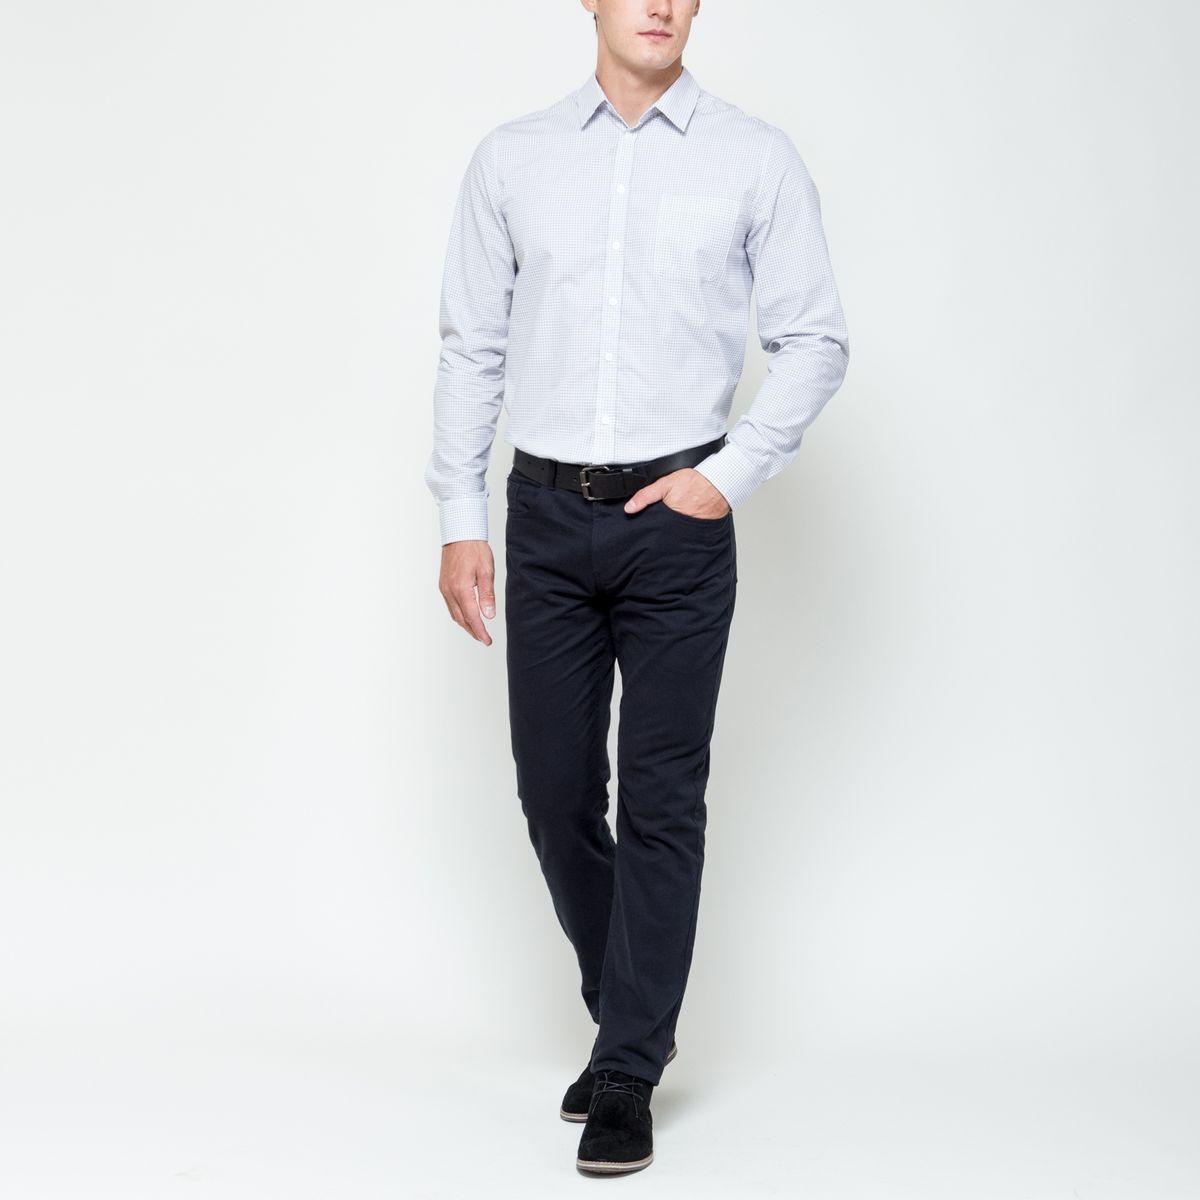 Рубашка муж. H-212/702-6321H-212/702-6321